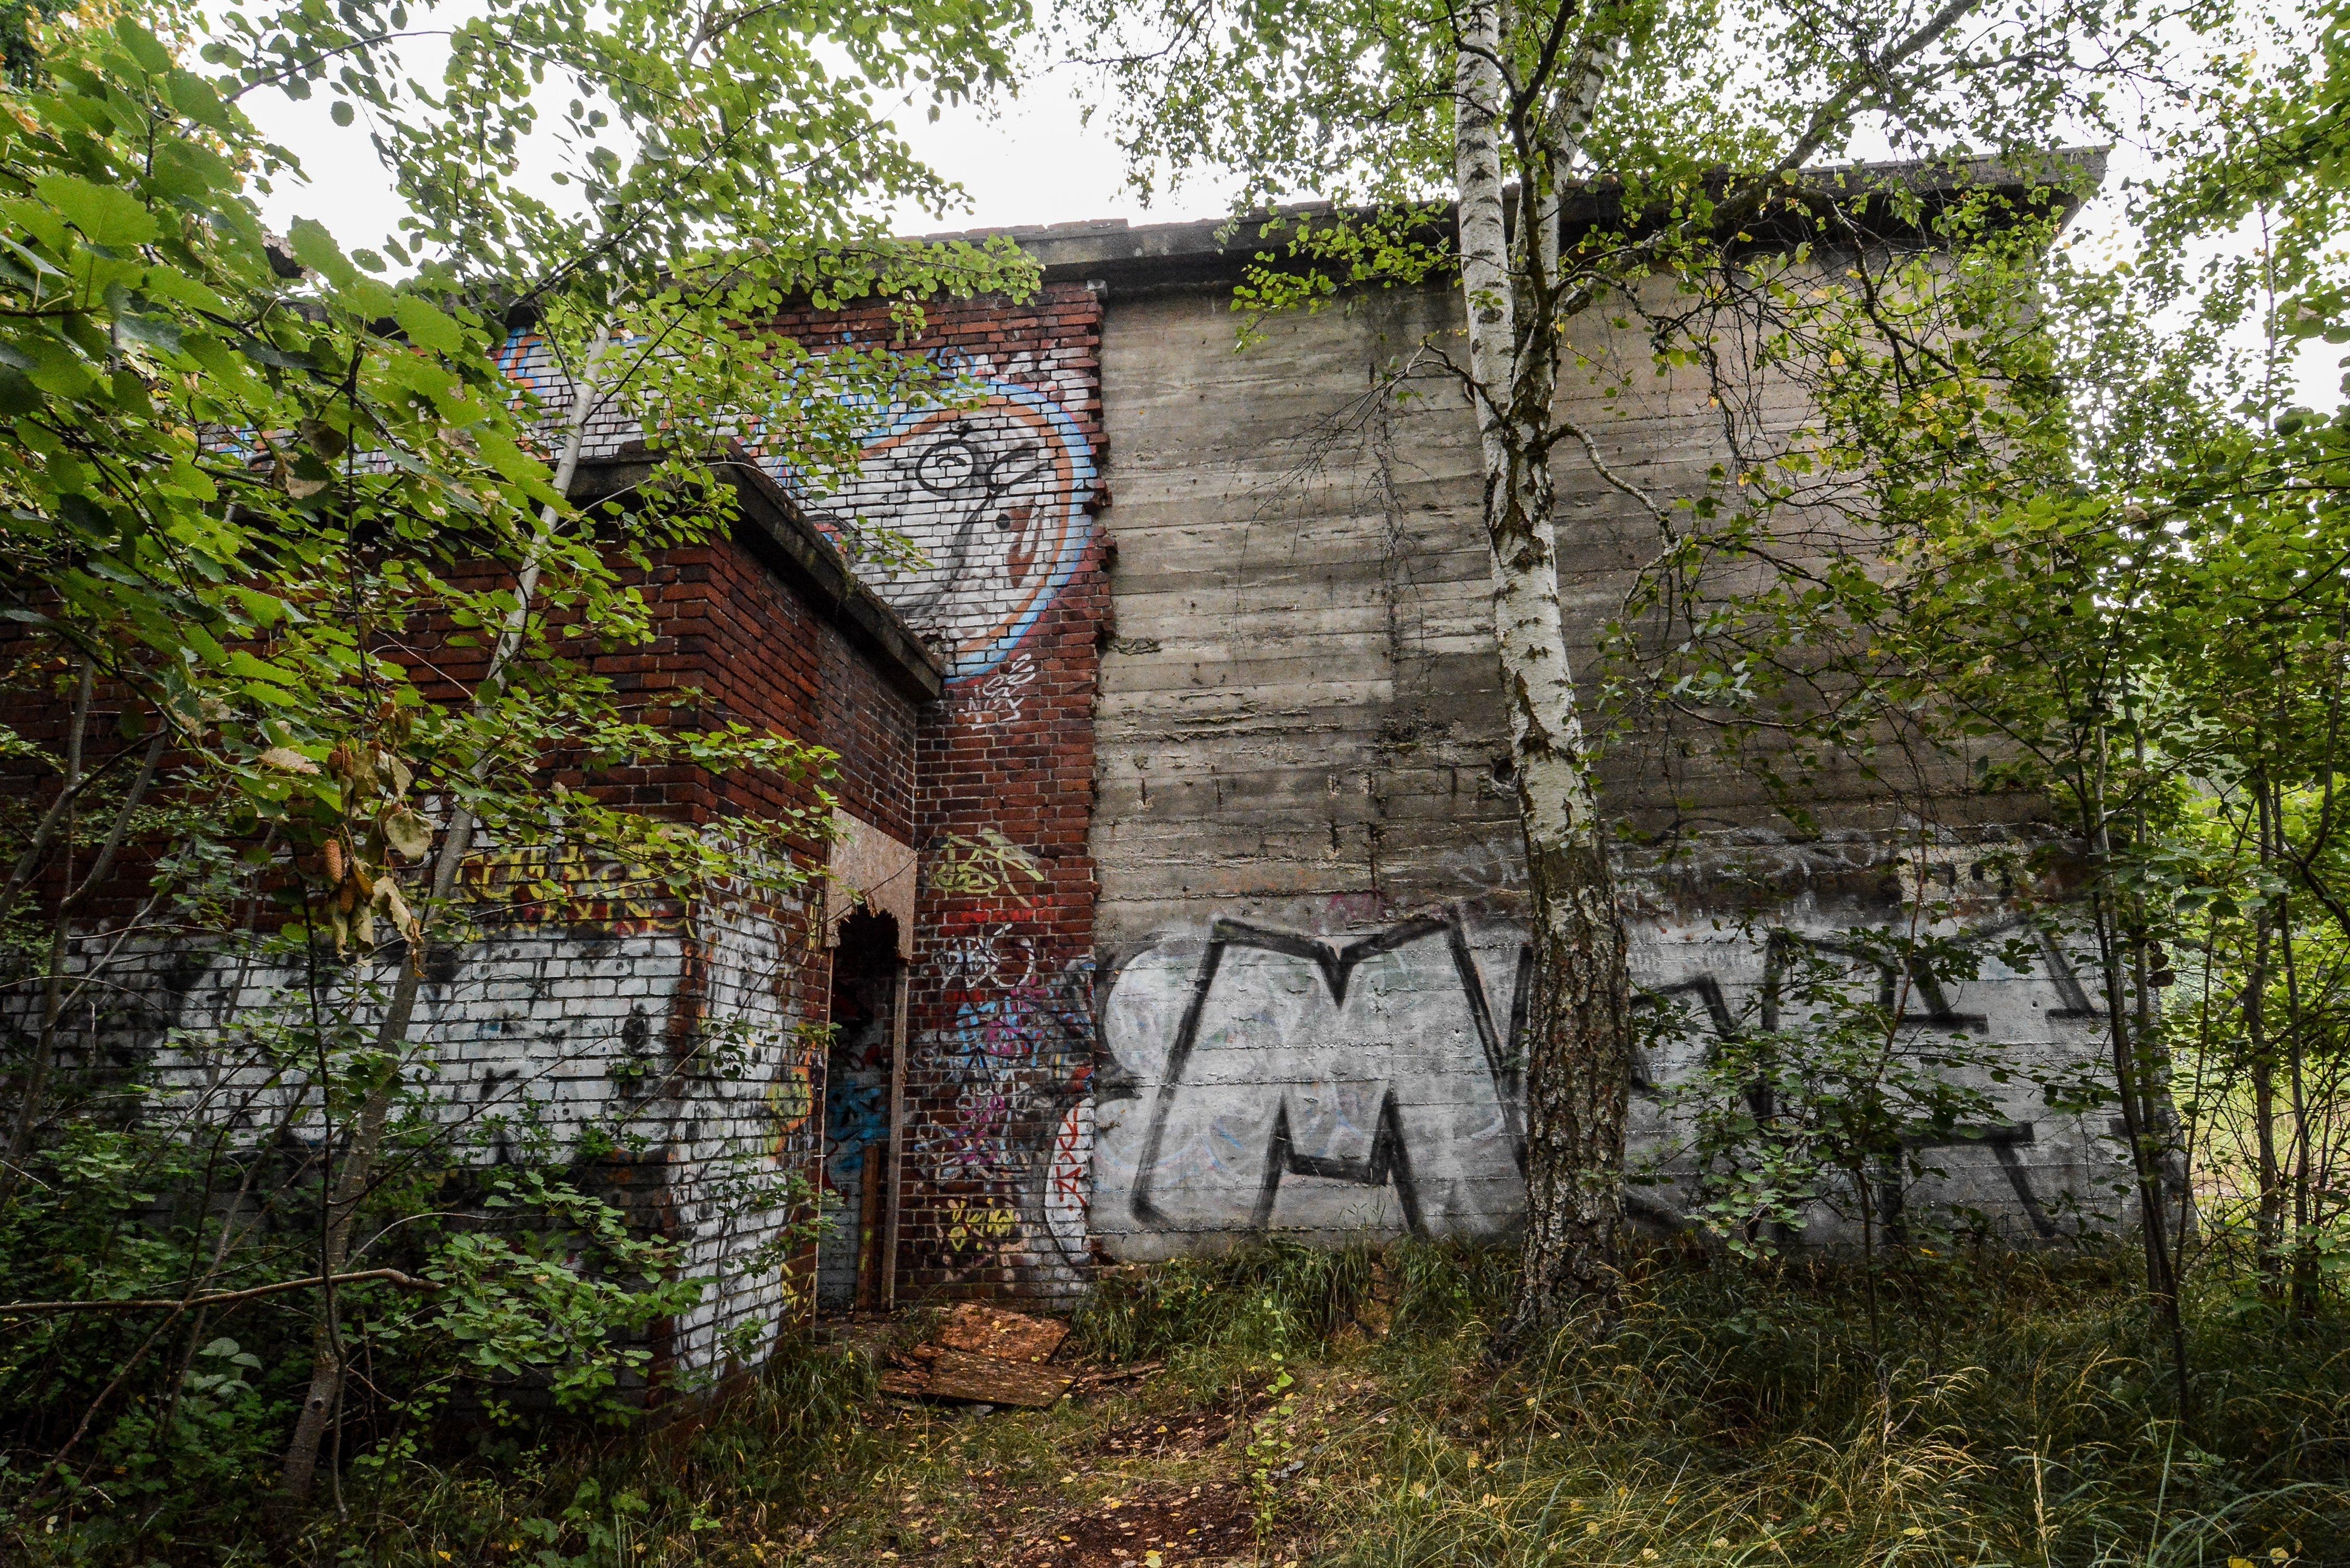 front view versuchsstelle fuer hoehenfluege nazi bunker WWII abandoned lost places urbex oranienburg brandenburg germany